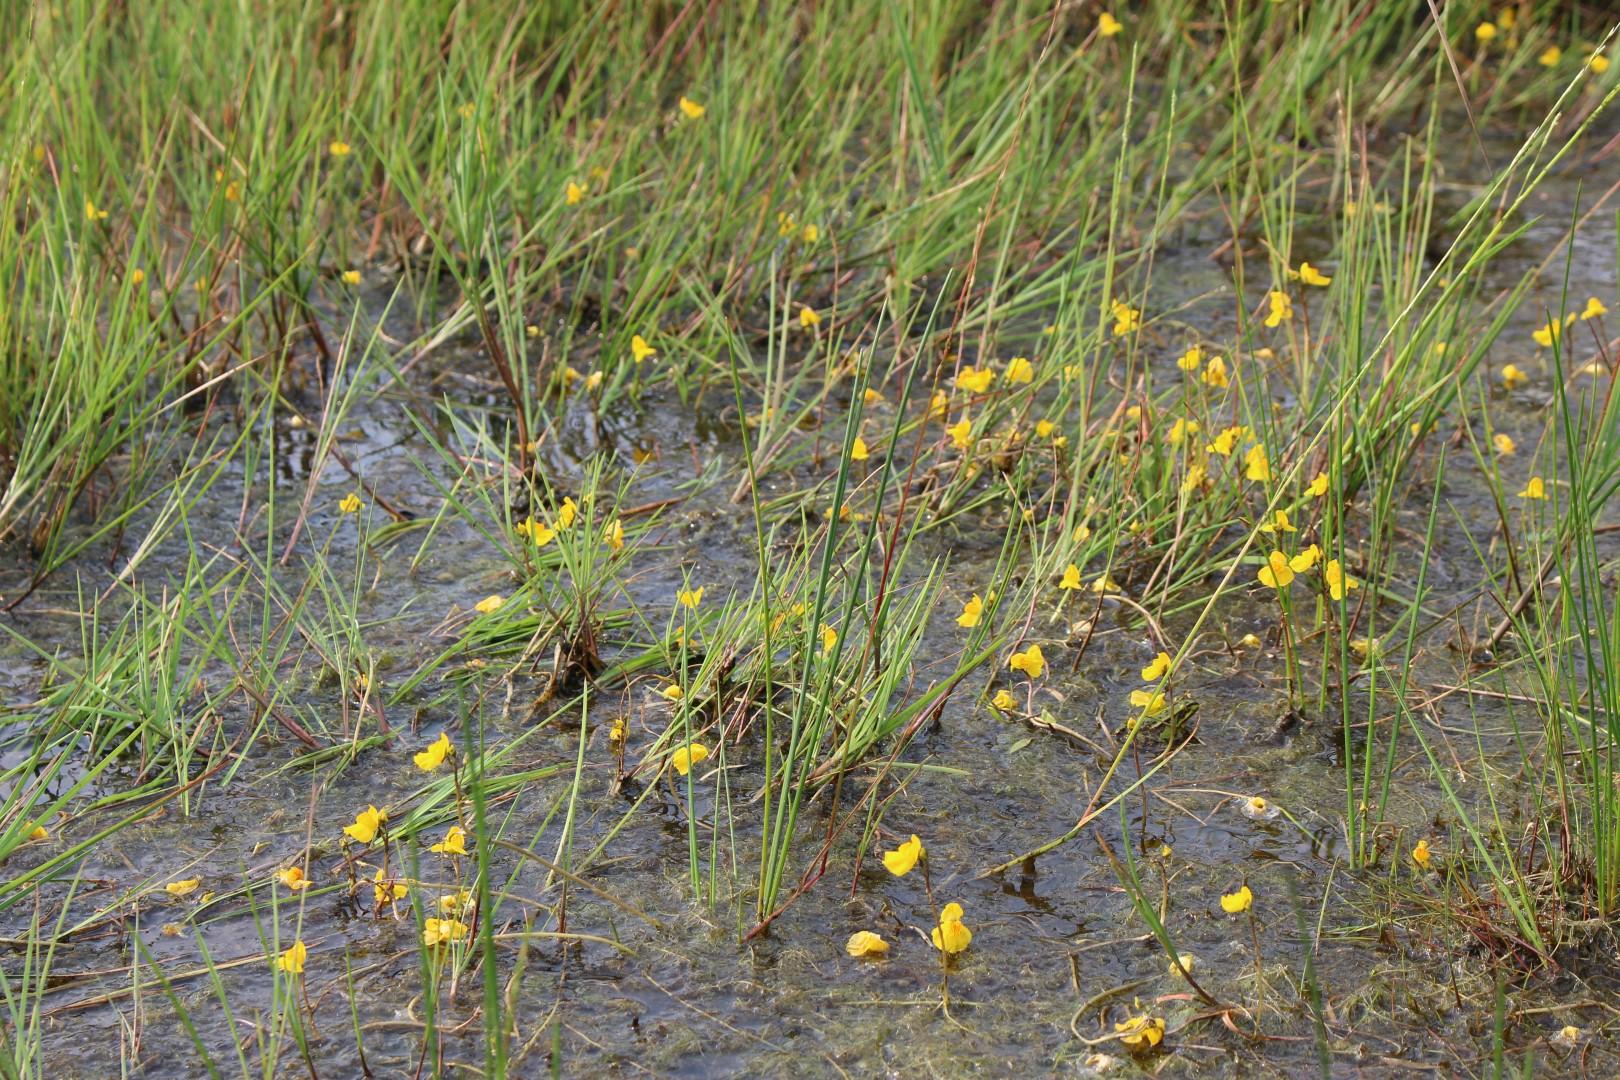 Der gelbblühende Wasserschlauch gehört zu den carnivoren (fleischfressenden) Pflanzen. Er fängt kleine Wasserflöhe (Foto: C. Marien)